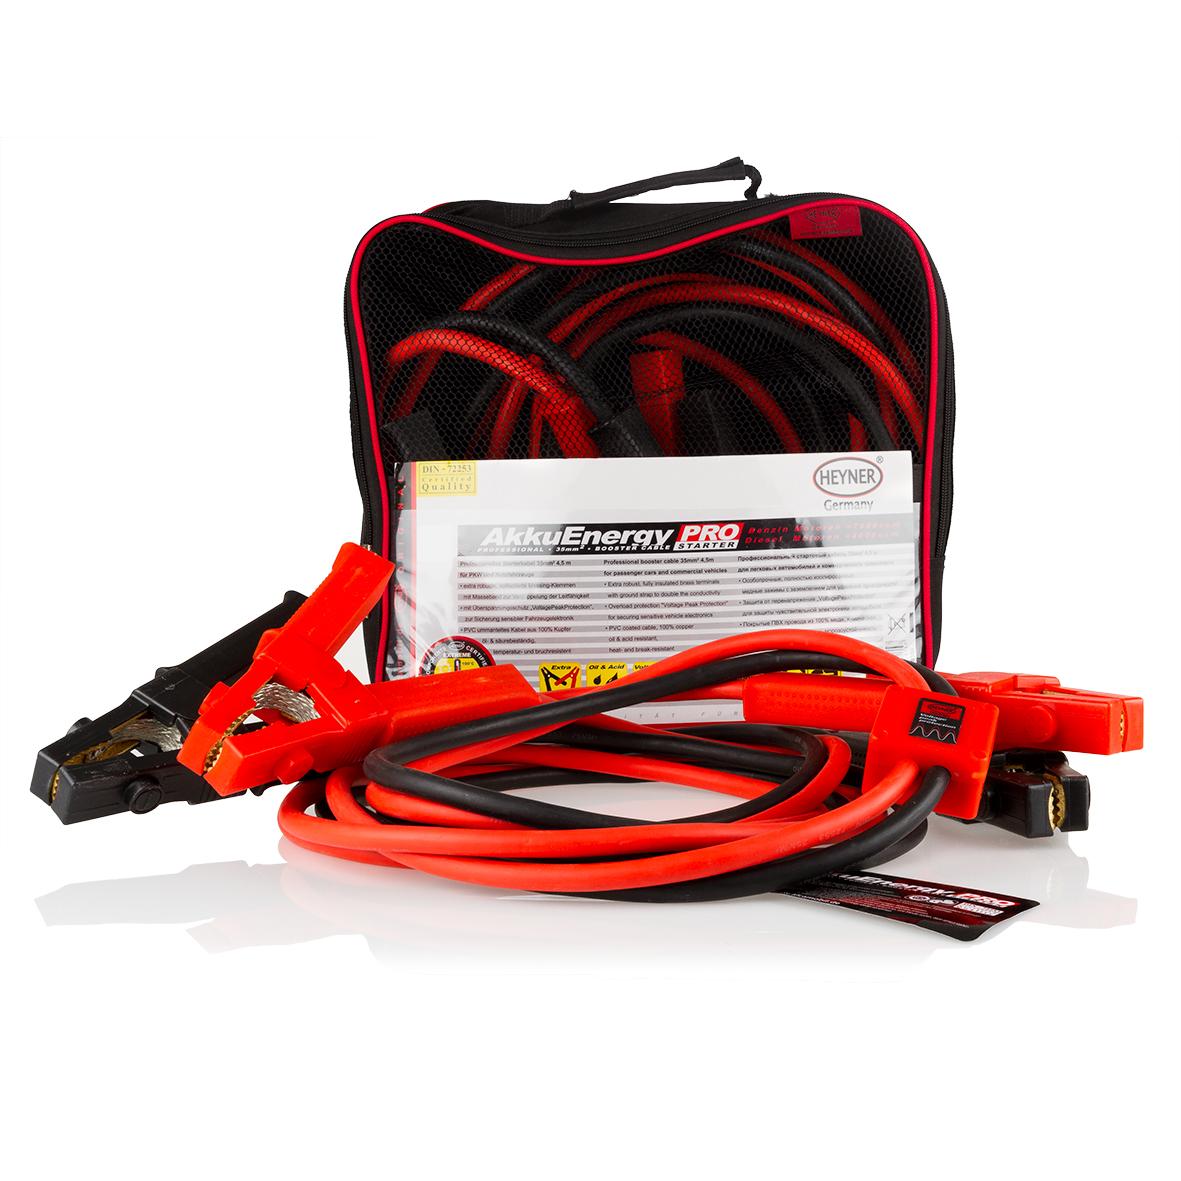 Старт-кабель Heyner AkkuEnergy, диаметр 25 мм, длина 3,5 мVolter K2Старт-кабель Heyner AkkuEnergy выполнен из меди и снабжен ударопрочной, морозоустойчивой оплеткой, обладающей стойкостью к маслам и кислотам. Особо прочные, полностью изолированные медные зажимы с заземлением предназначены для удвоения проводимости. Защита от перегрузки VoltagePeakProtection гарантирует защиту чувствительной электроники автомобиля.